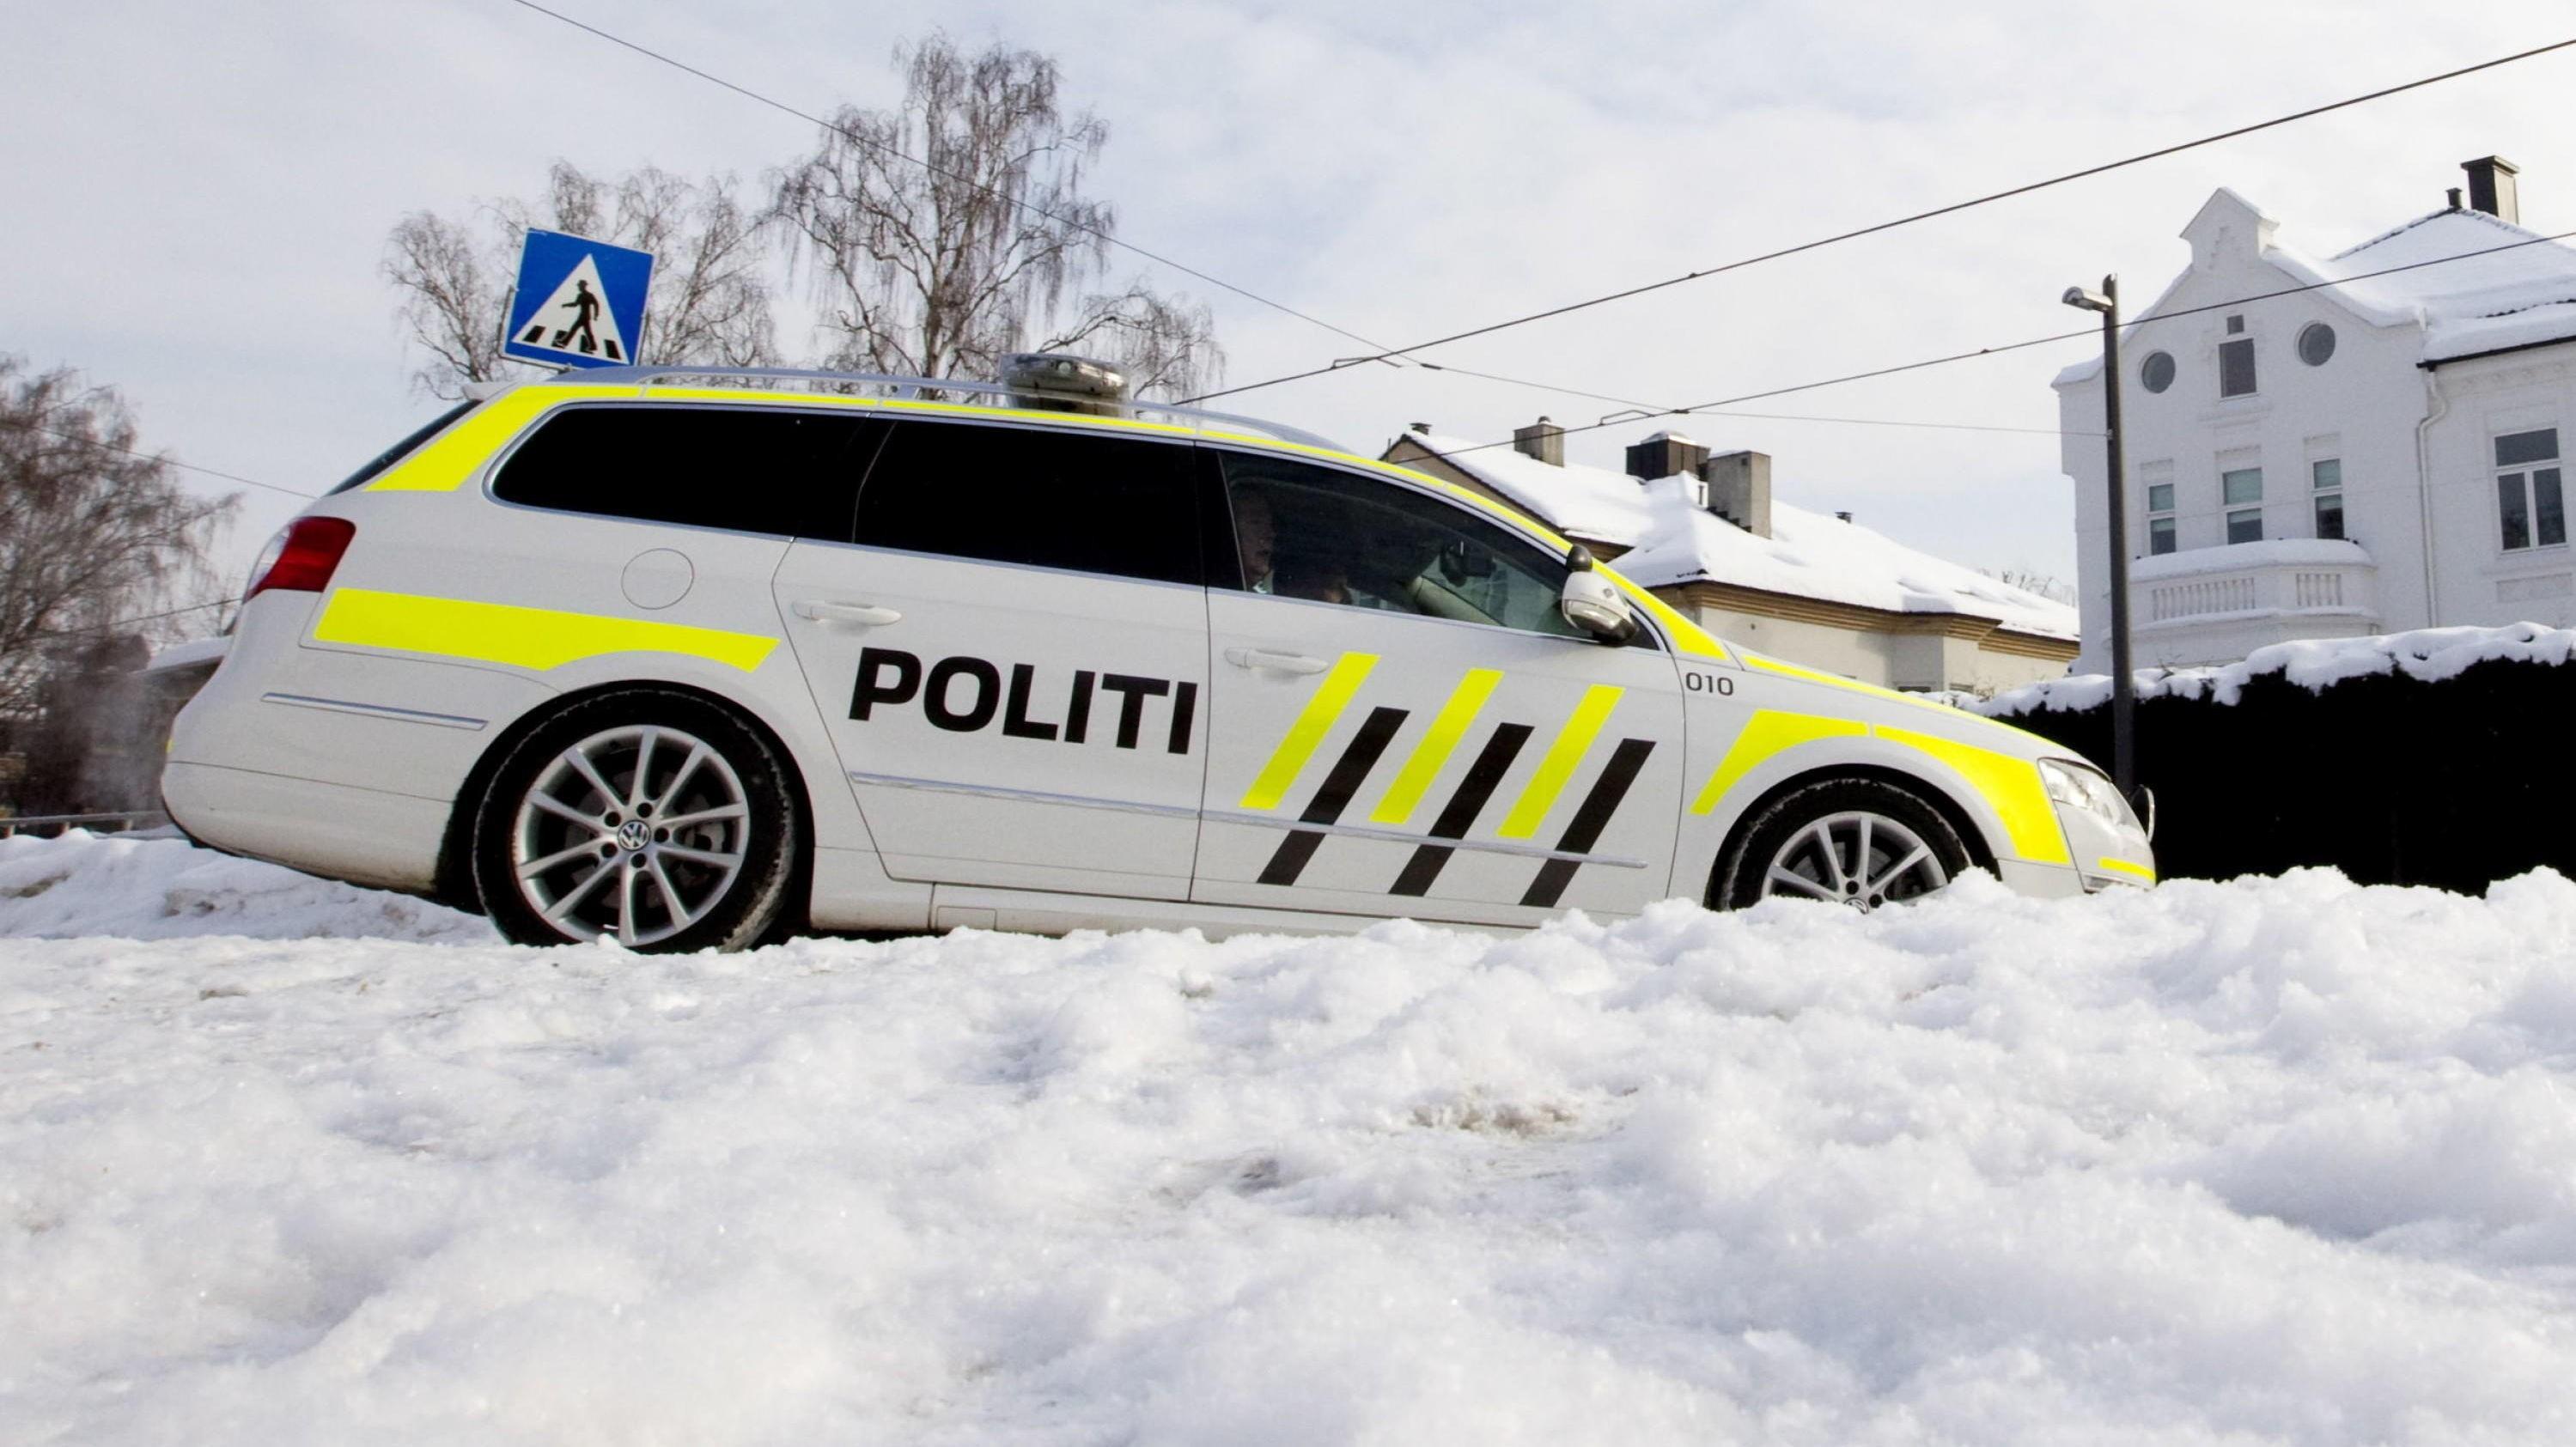 Politiet får hvert år noen saker der eier har gått fra bilen på tomgang. Når vedkommende er tilbake, er bilen sporløst forsvunner. Det kan bli en kostbar opplevelse.